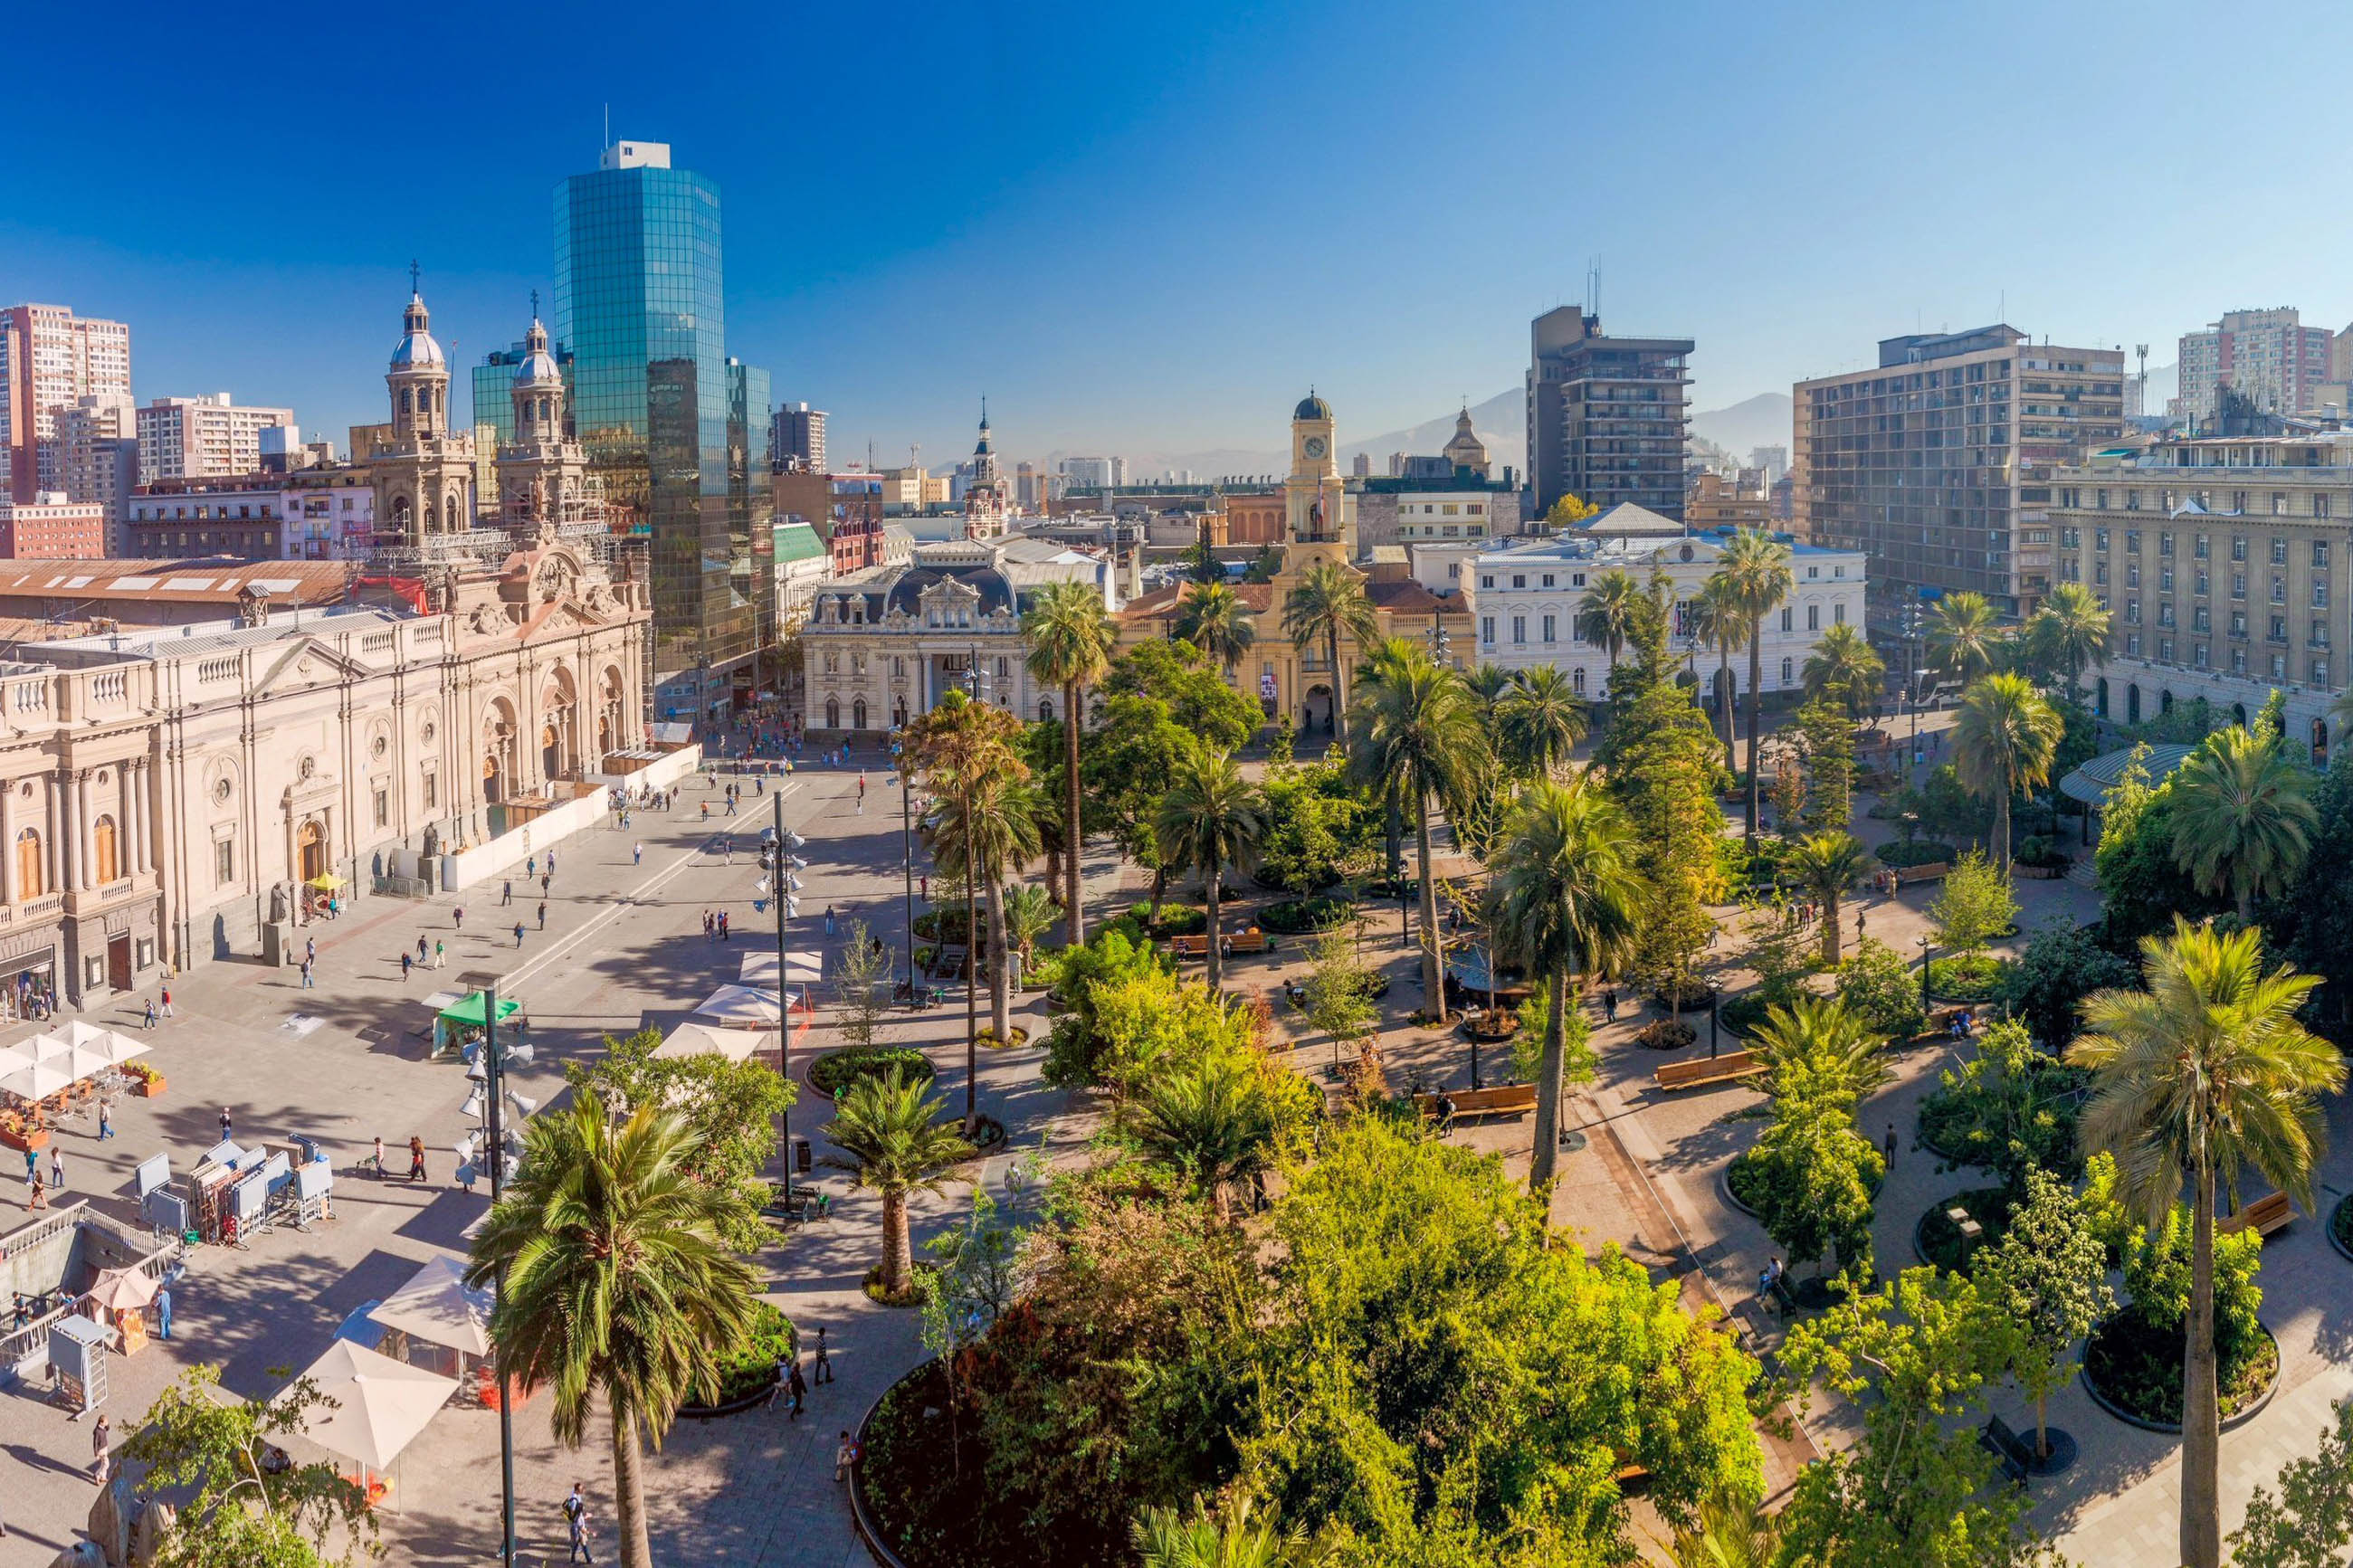 Bilder plaza de armas santiago de chile chile franks for Architektur chile